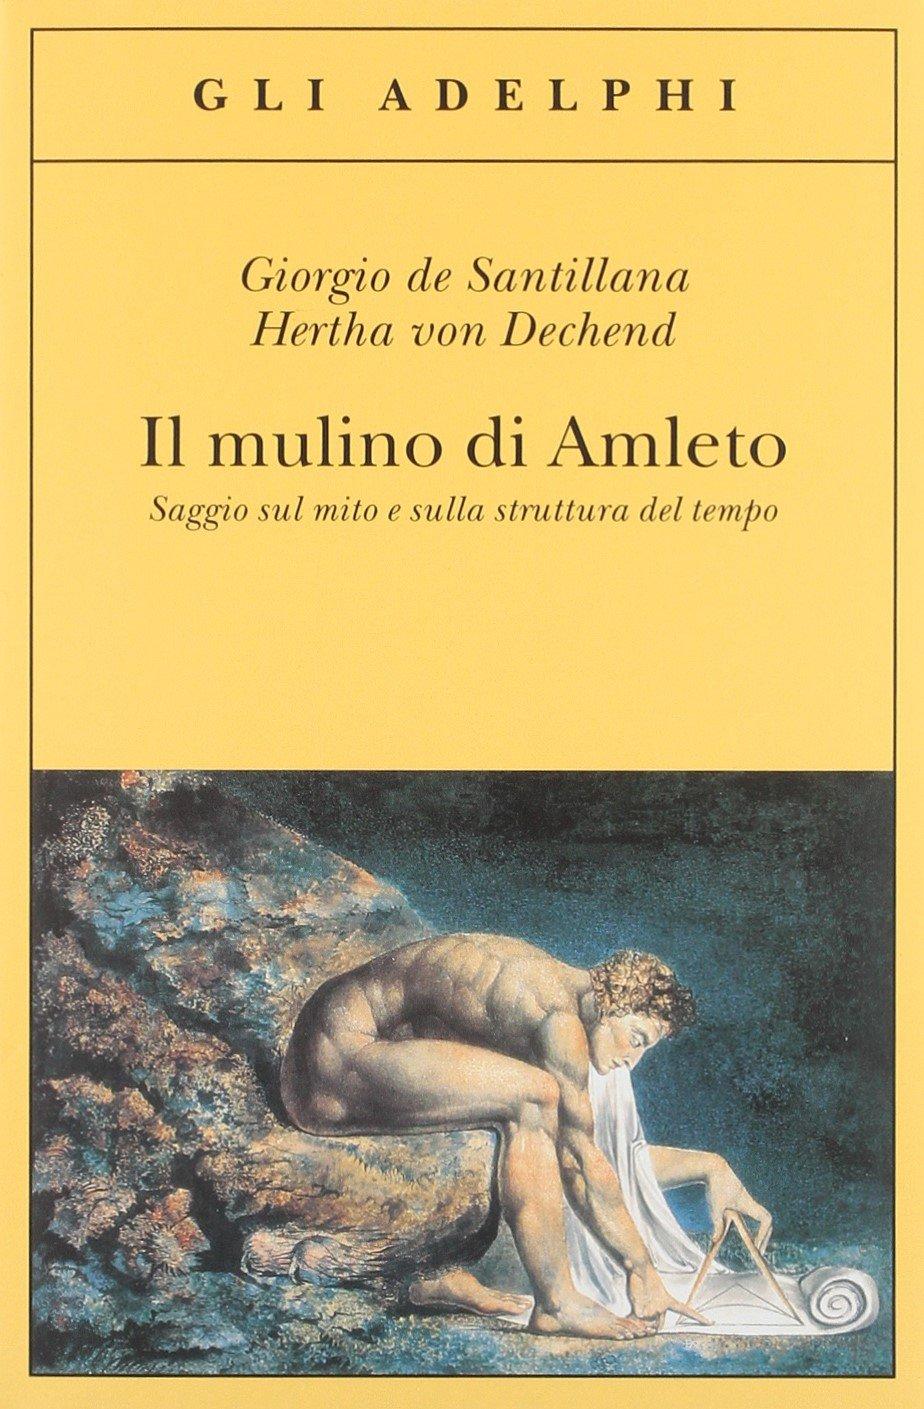 Risultati immagini per Giorgio De Santillana  Saggio sul mito e sulla struttura del tempo